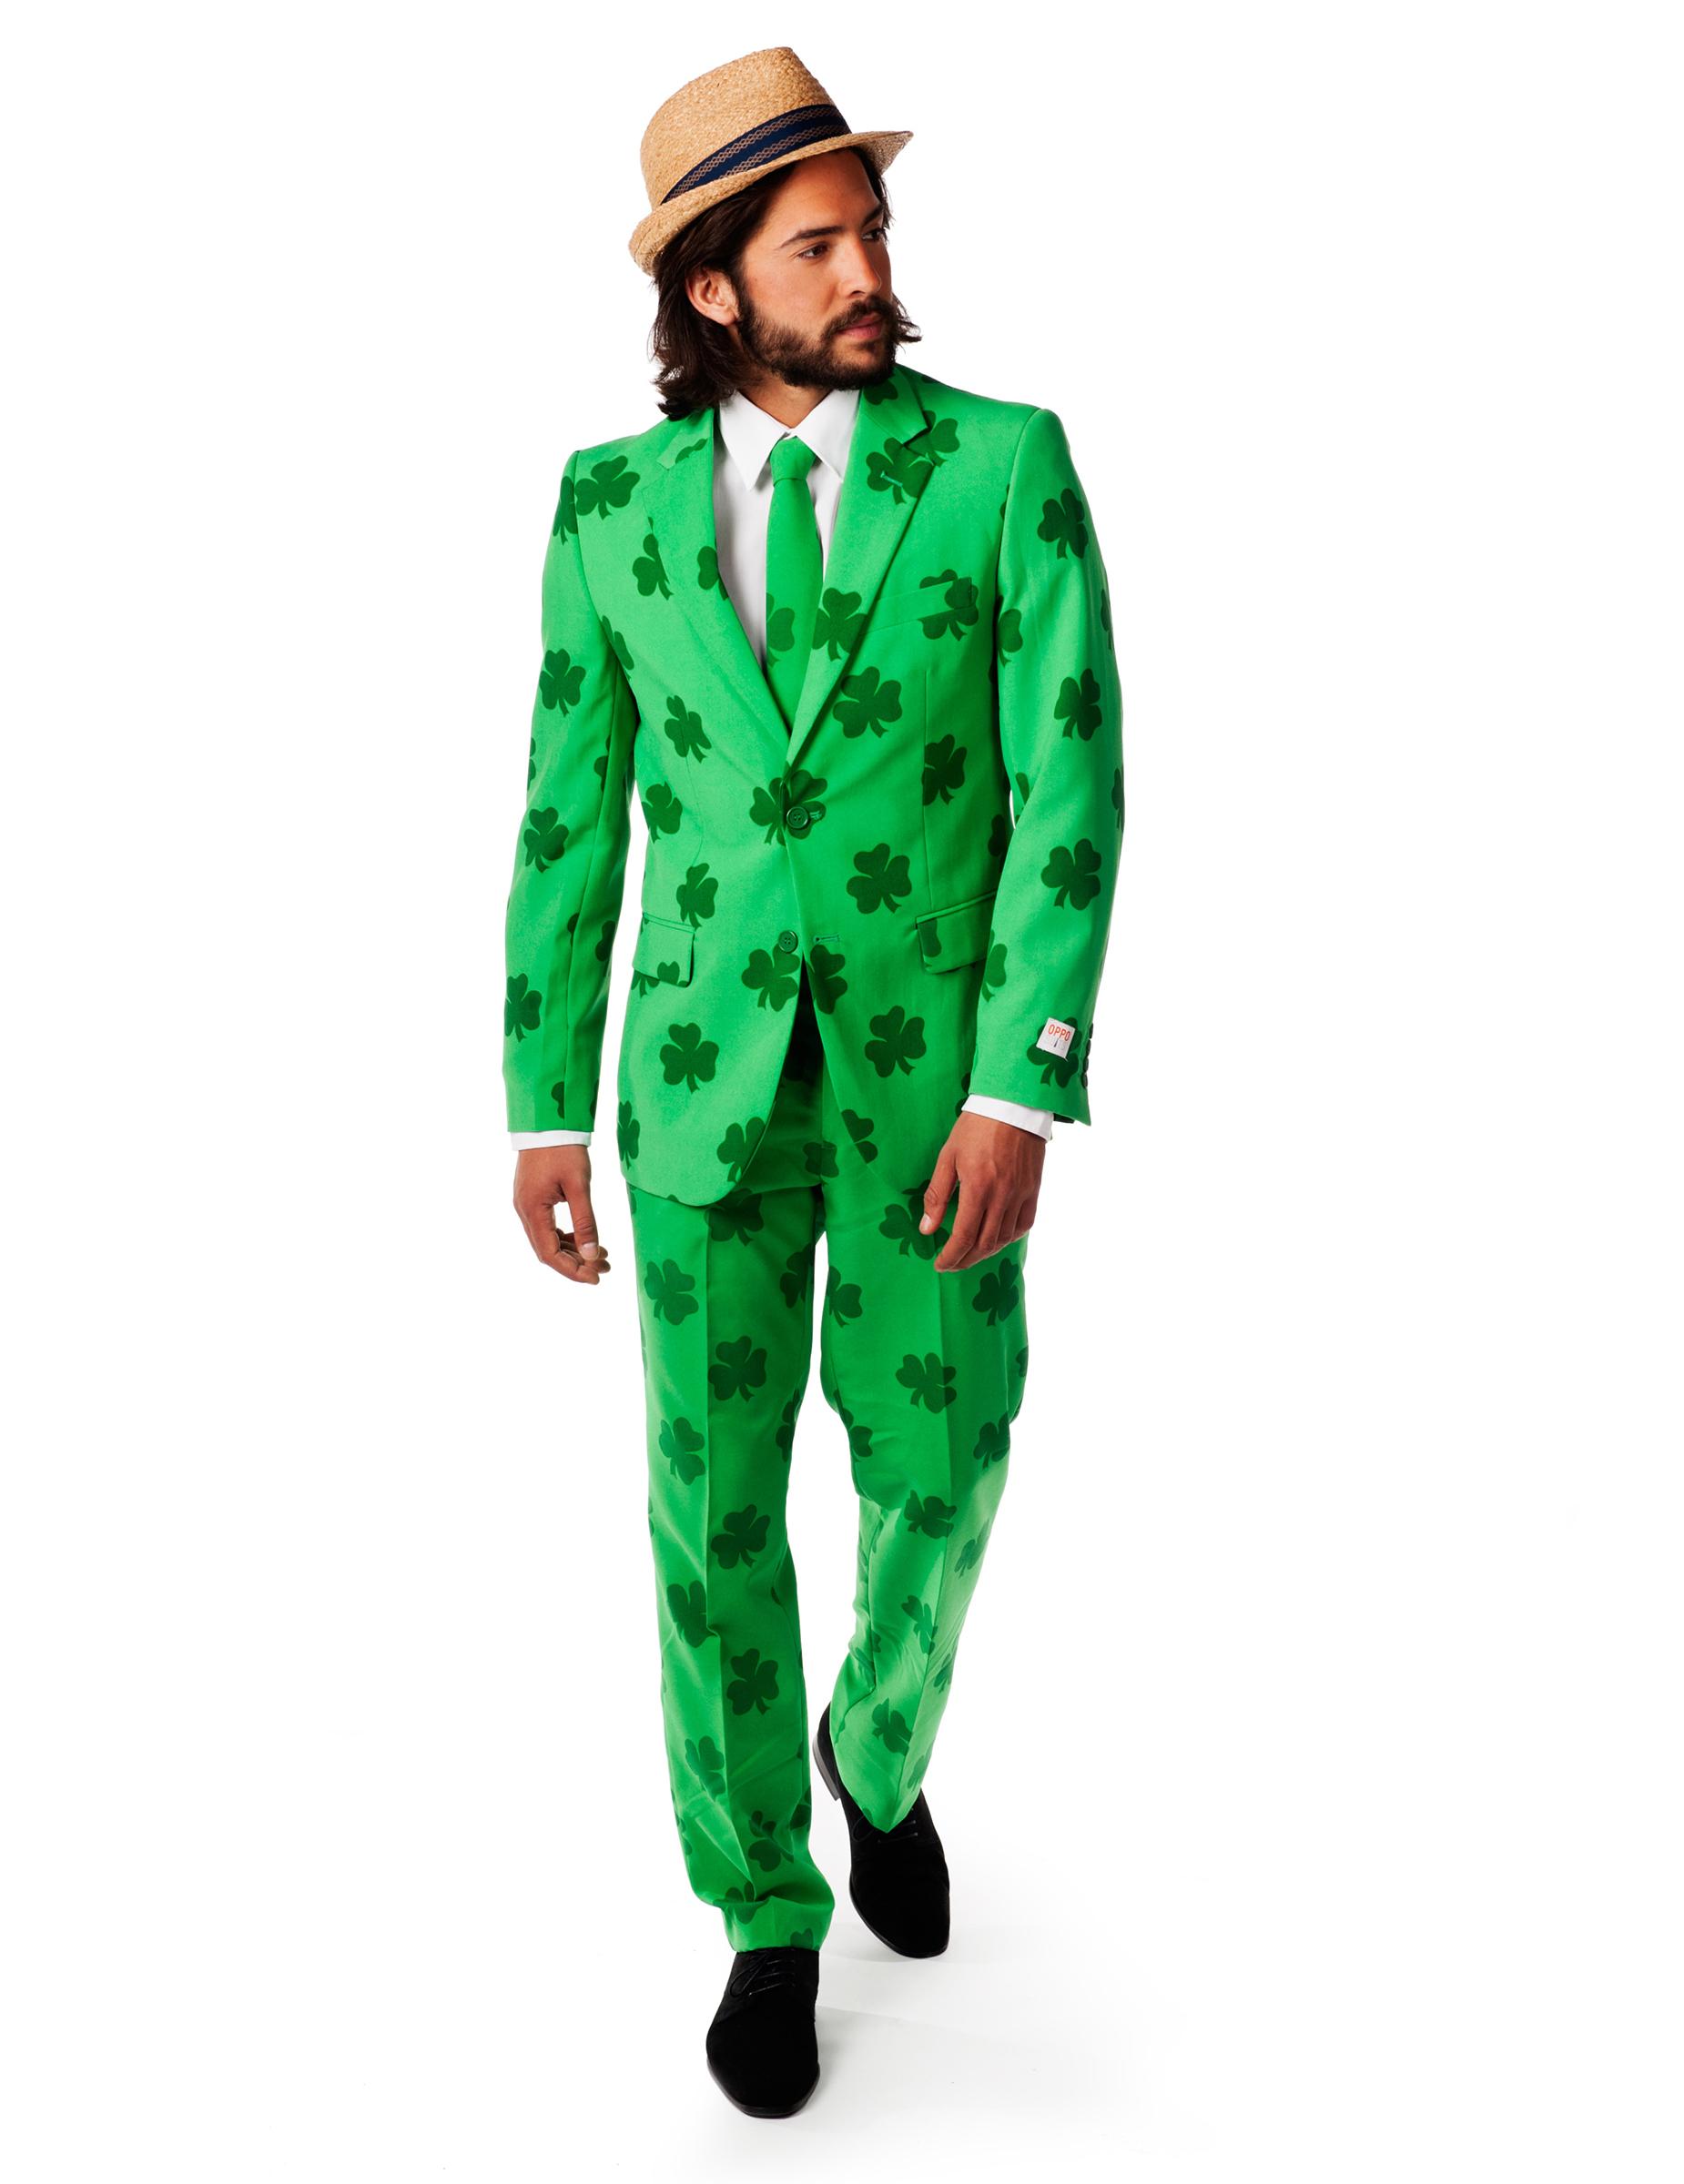 Homme Costume Opposuits™ St MrLucky Patrick 0wm8nNvO